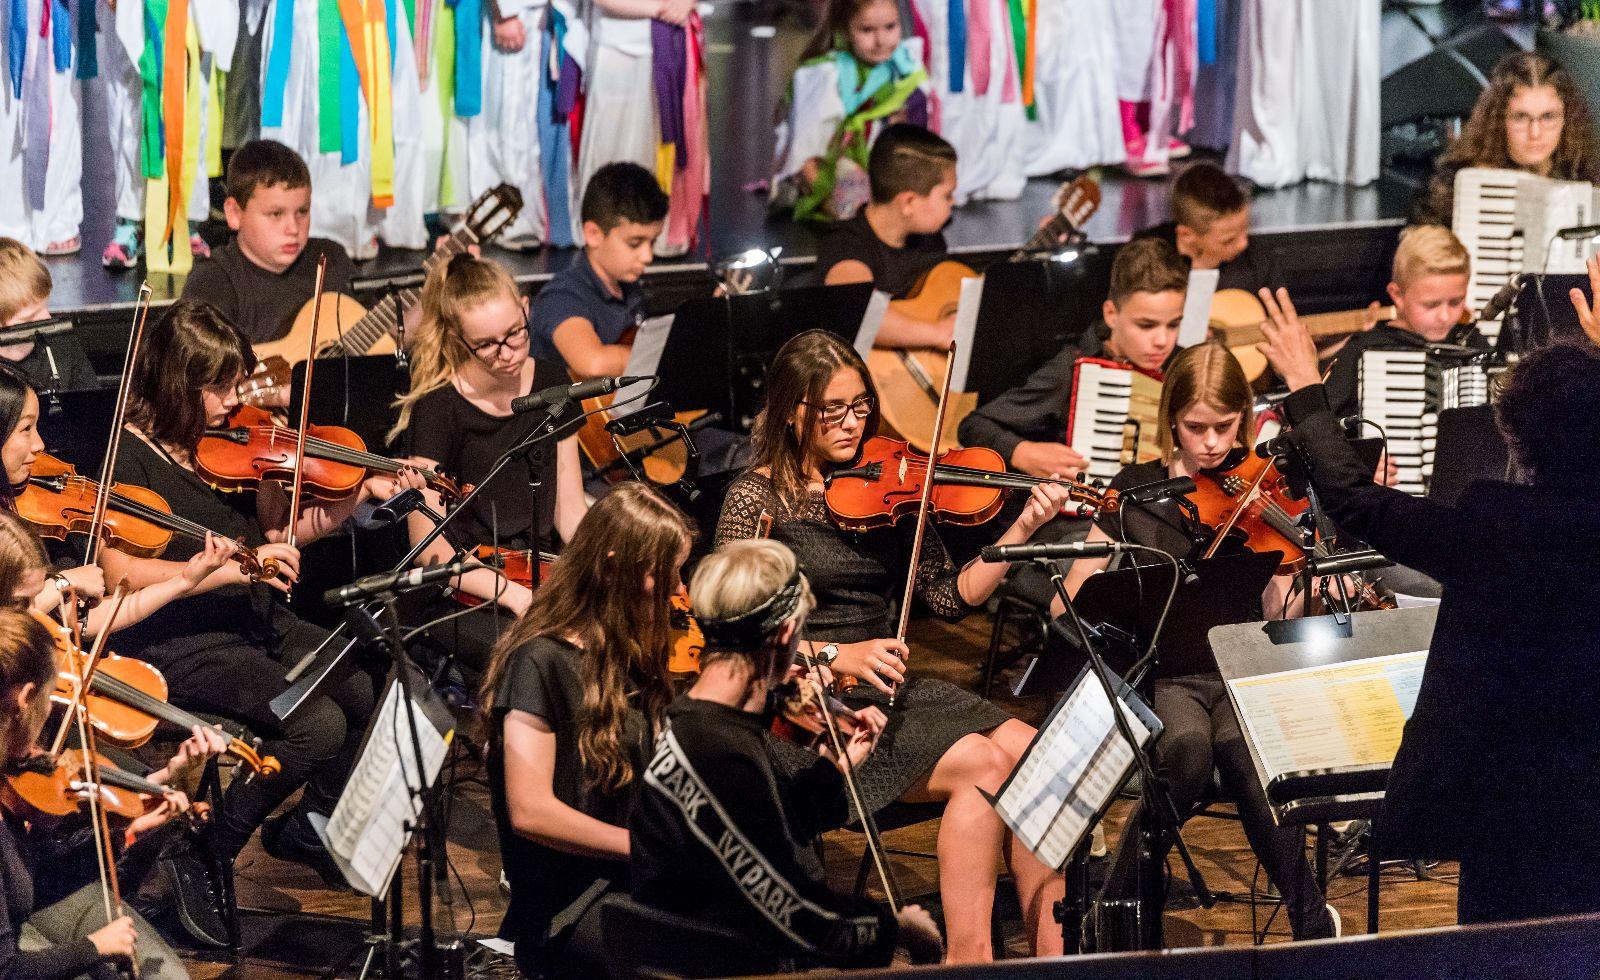 Vorspiel der Jugend mit den Streichinstrumenten in der Stadthalle